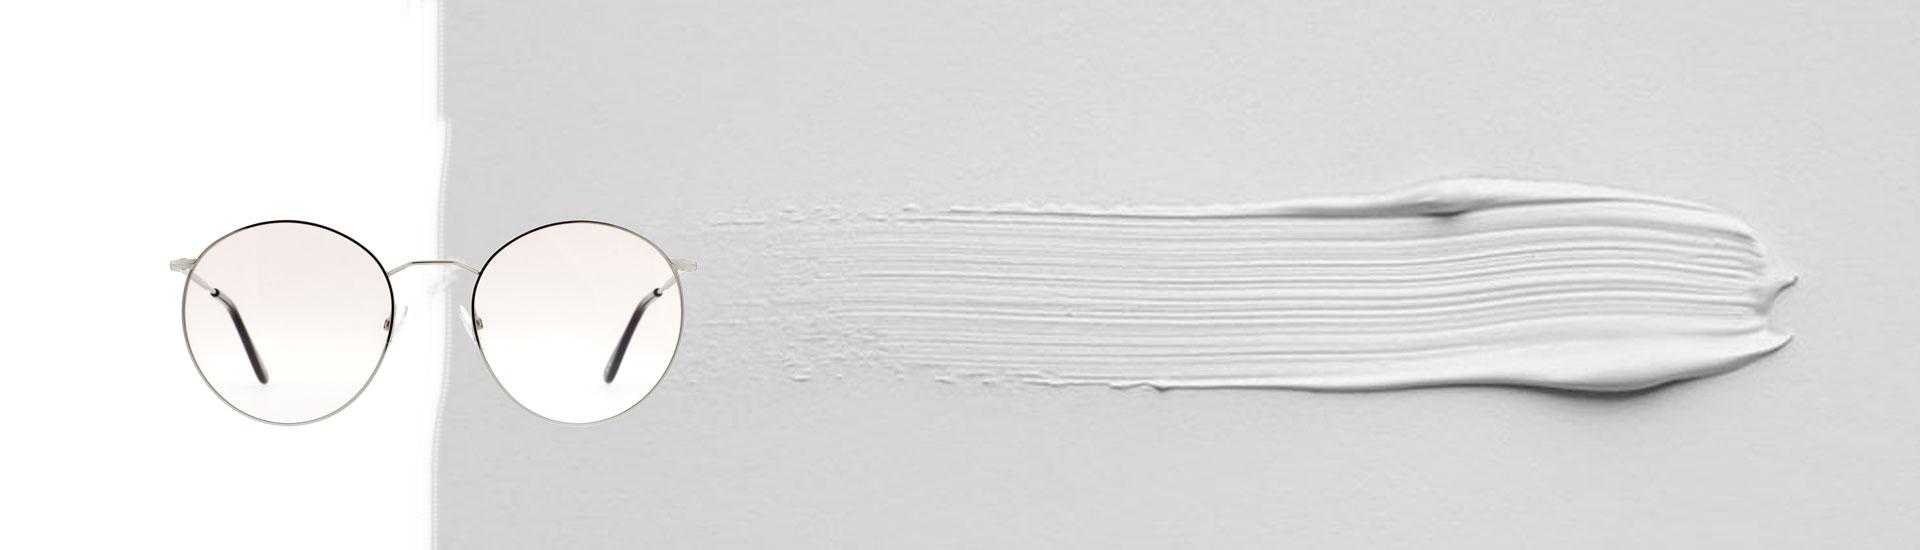 slider-aw-faceprint